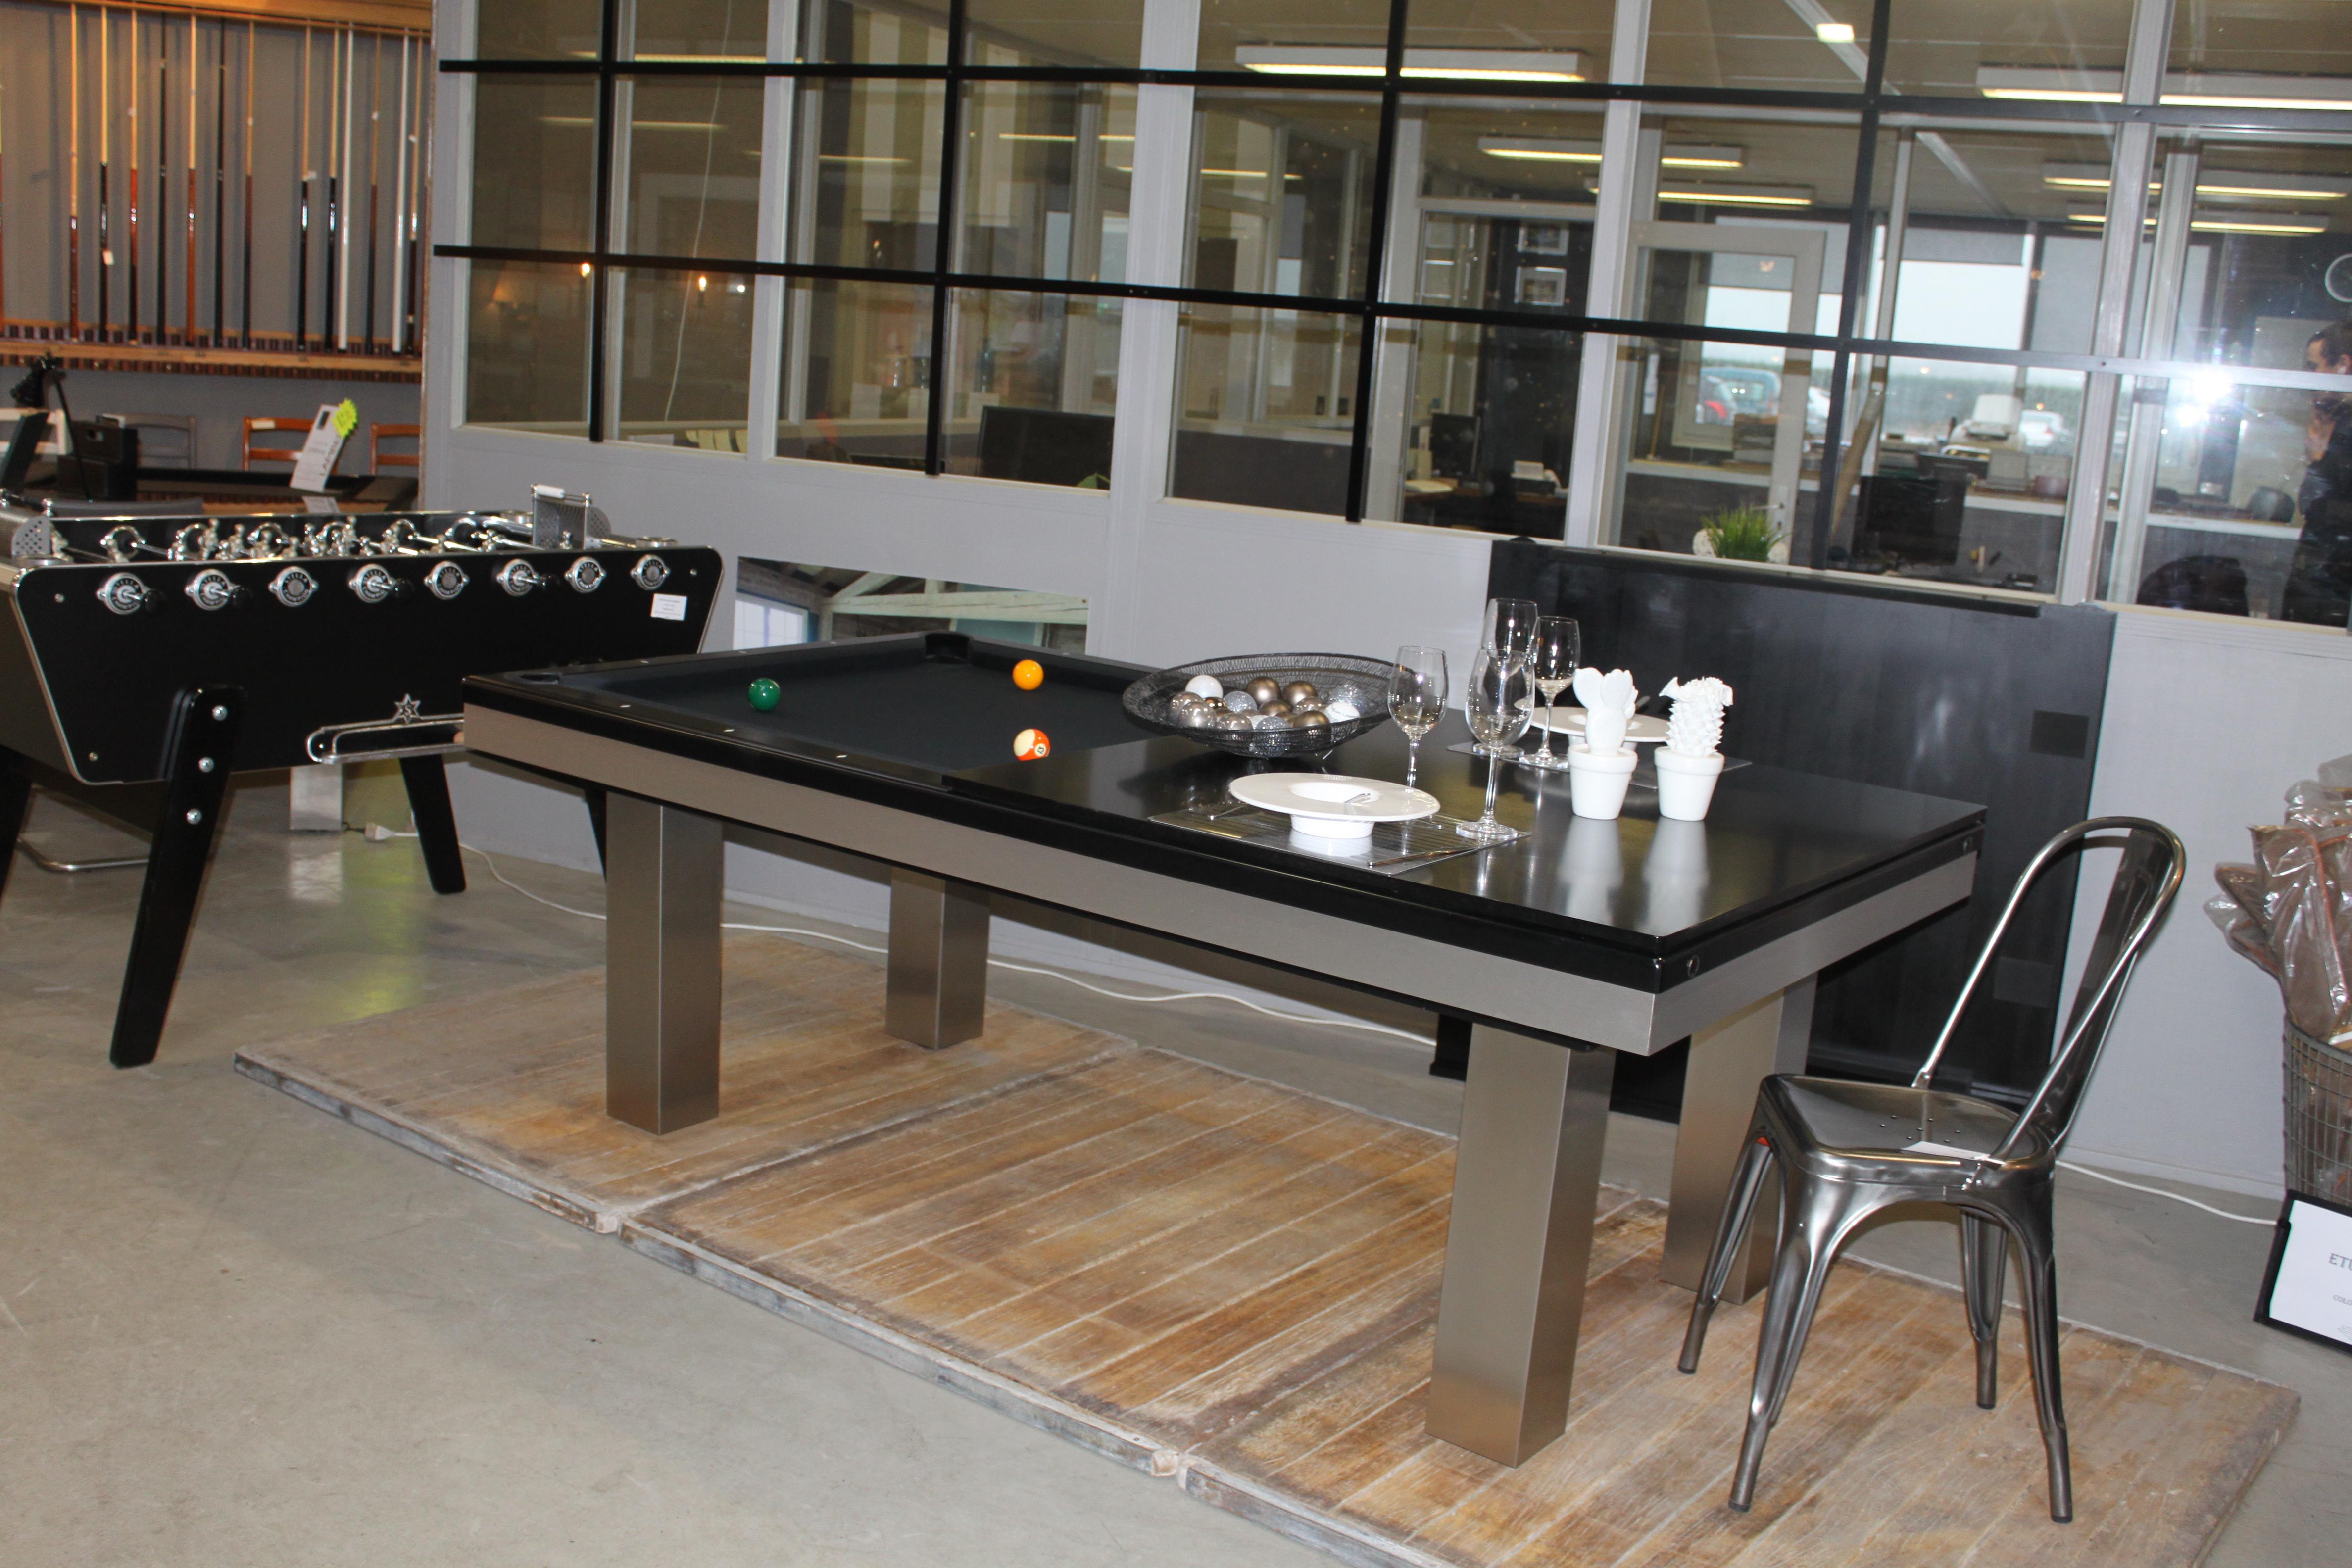 billards toulet magasin d 39 usine. Black Bedroom Furniture Sets. Home Design Ideas